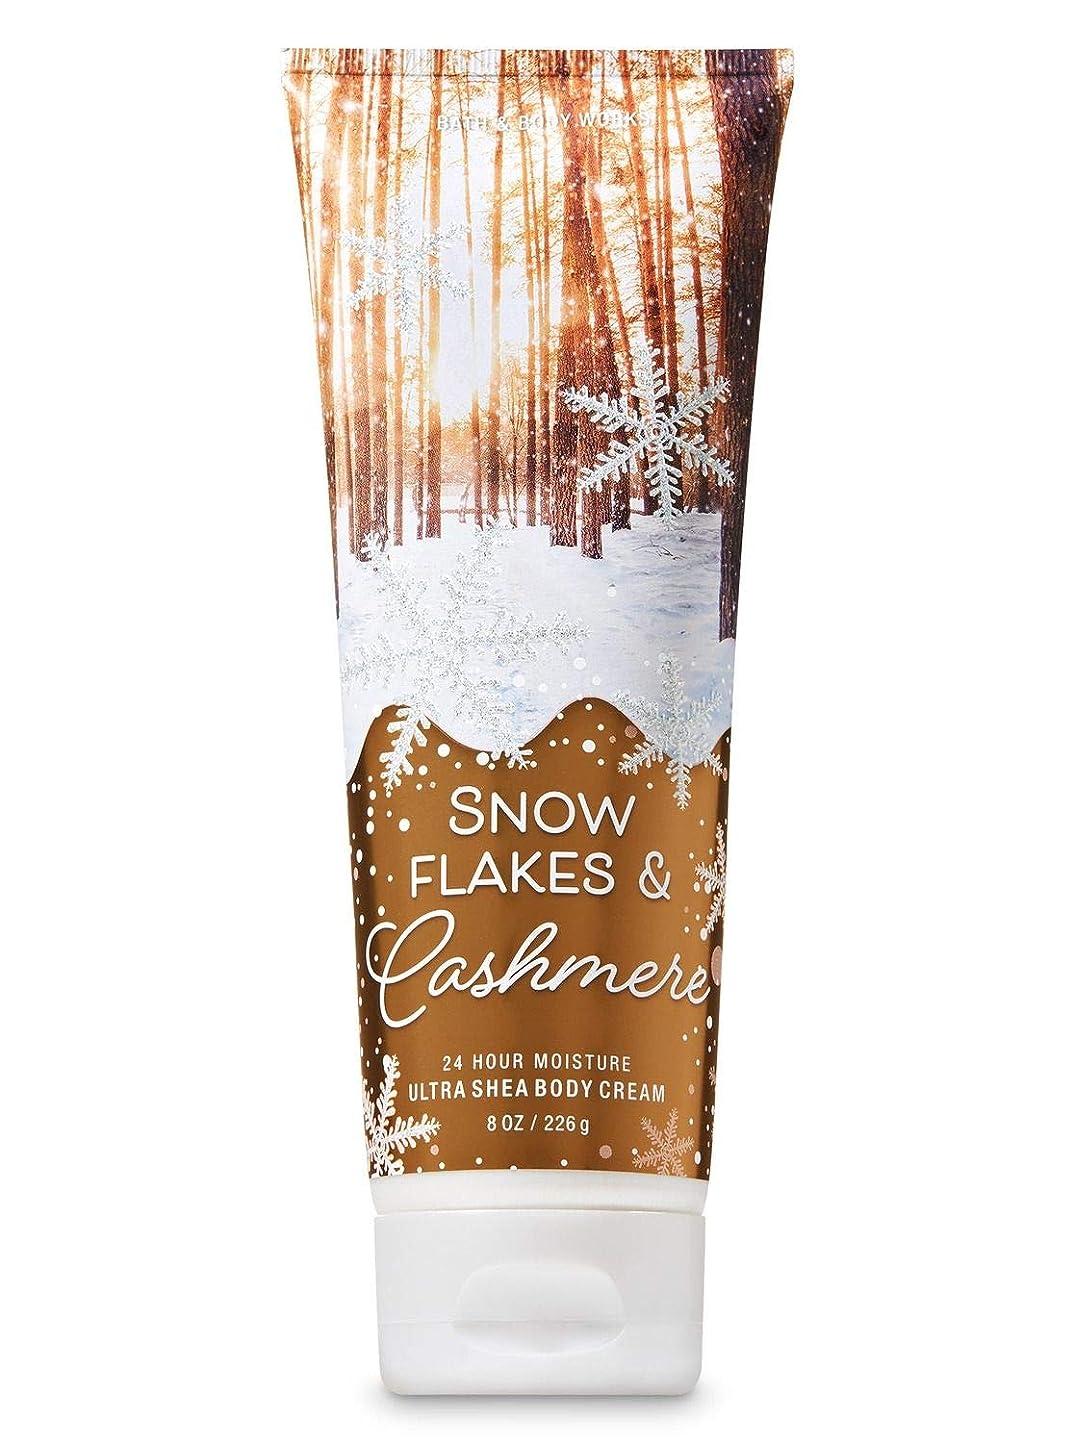 クッション観点せっかち【Bath&Body Works/バス&ボディワークス】 ボディクリーム スノーフレーク&カシミア Ultra Shea Body Cream Snowflakes & Cashmere 8 oz / 226 g [並行輸入品]